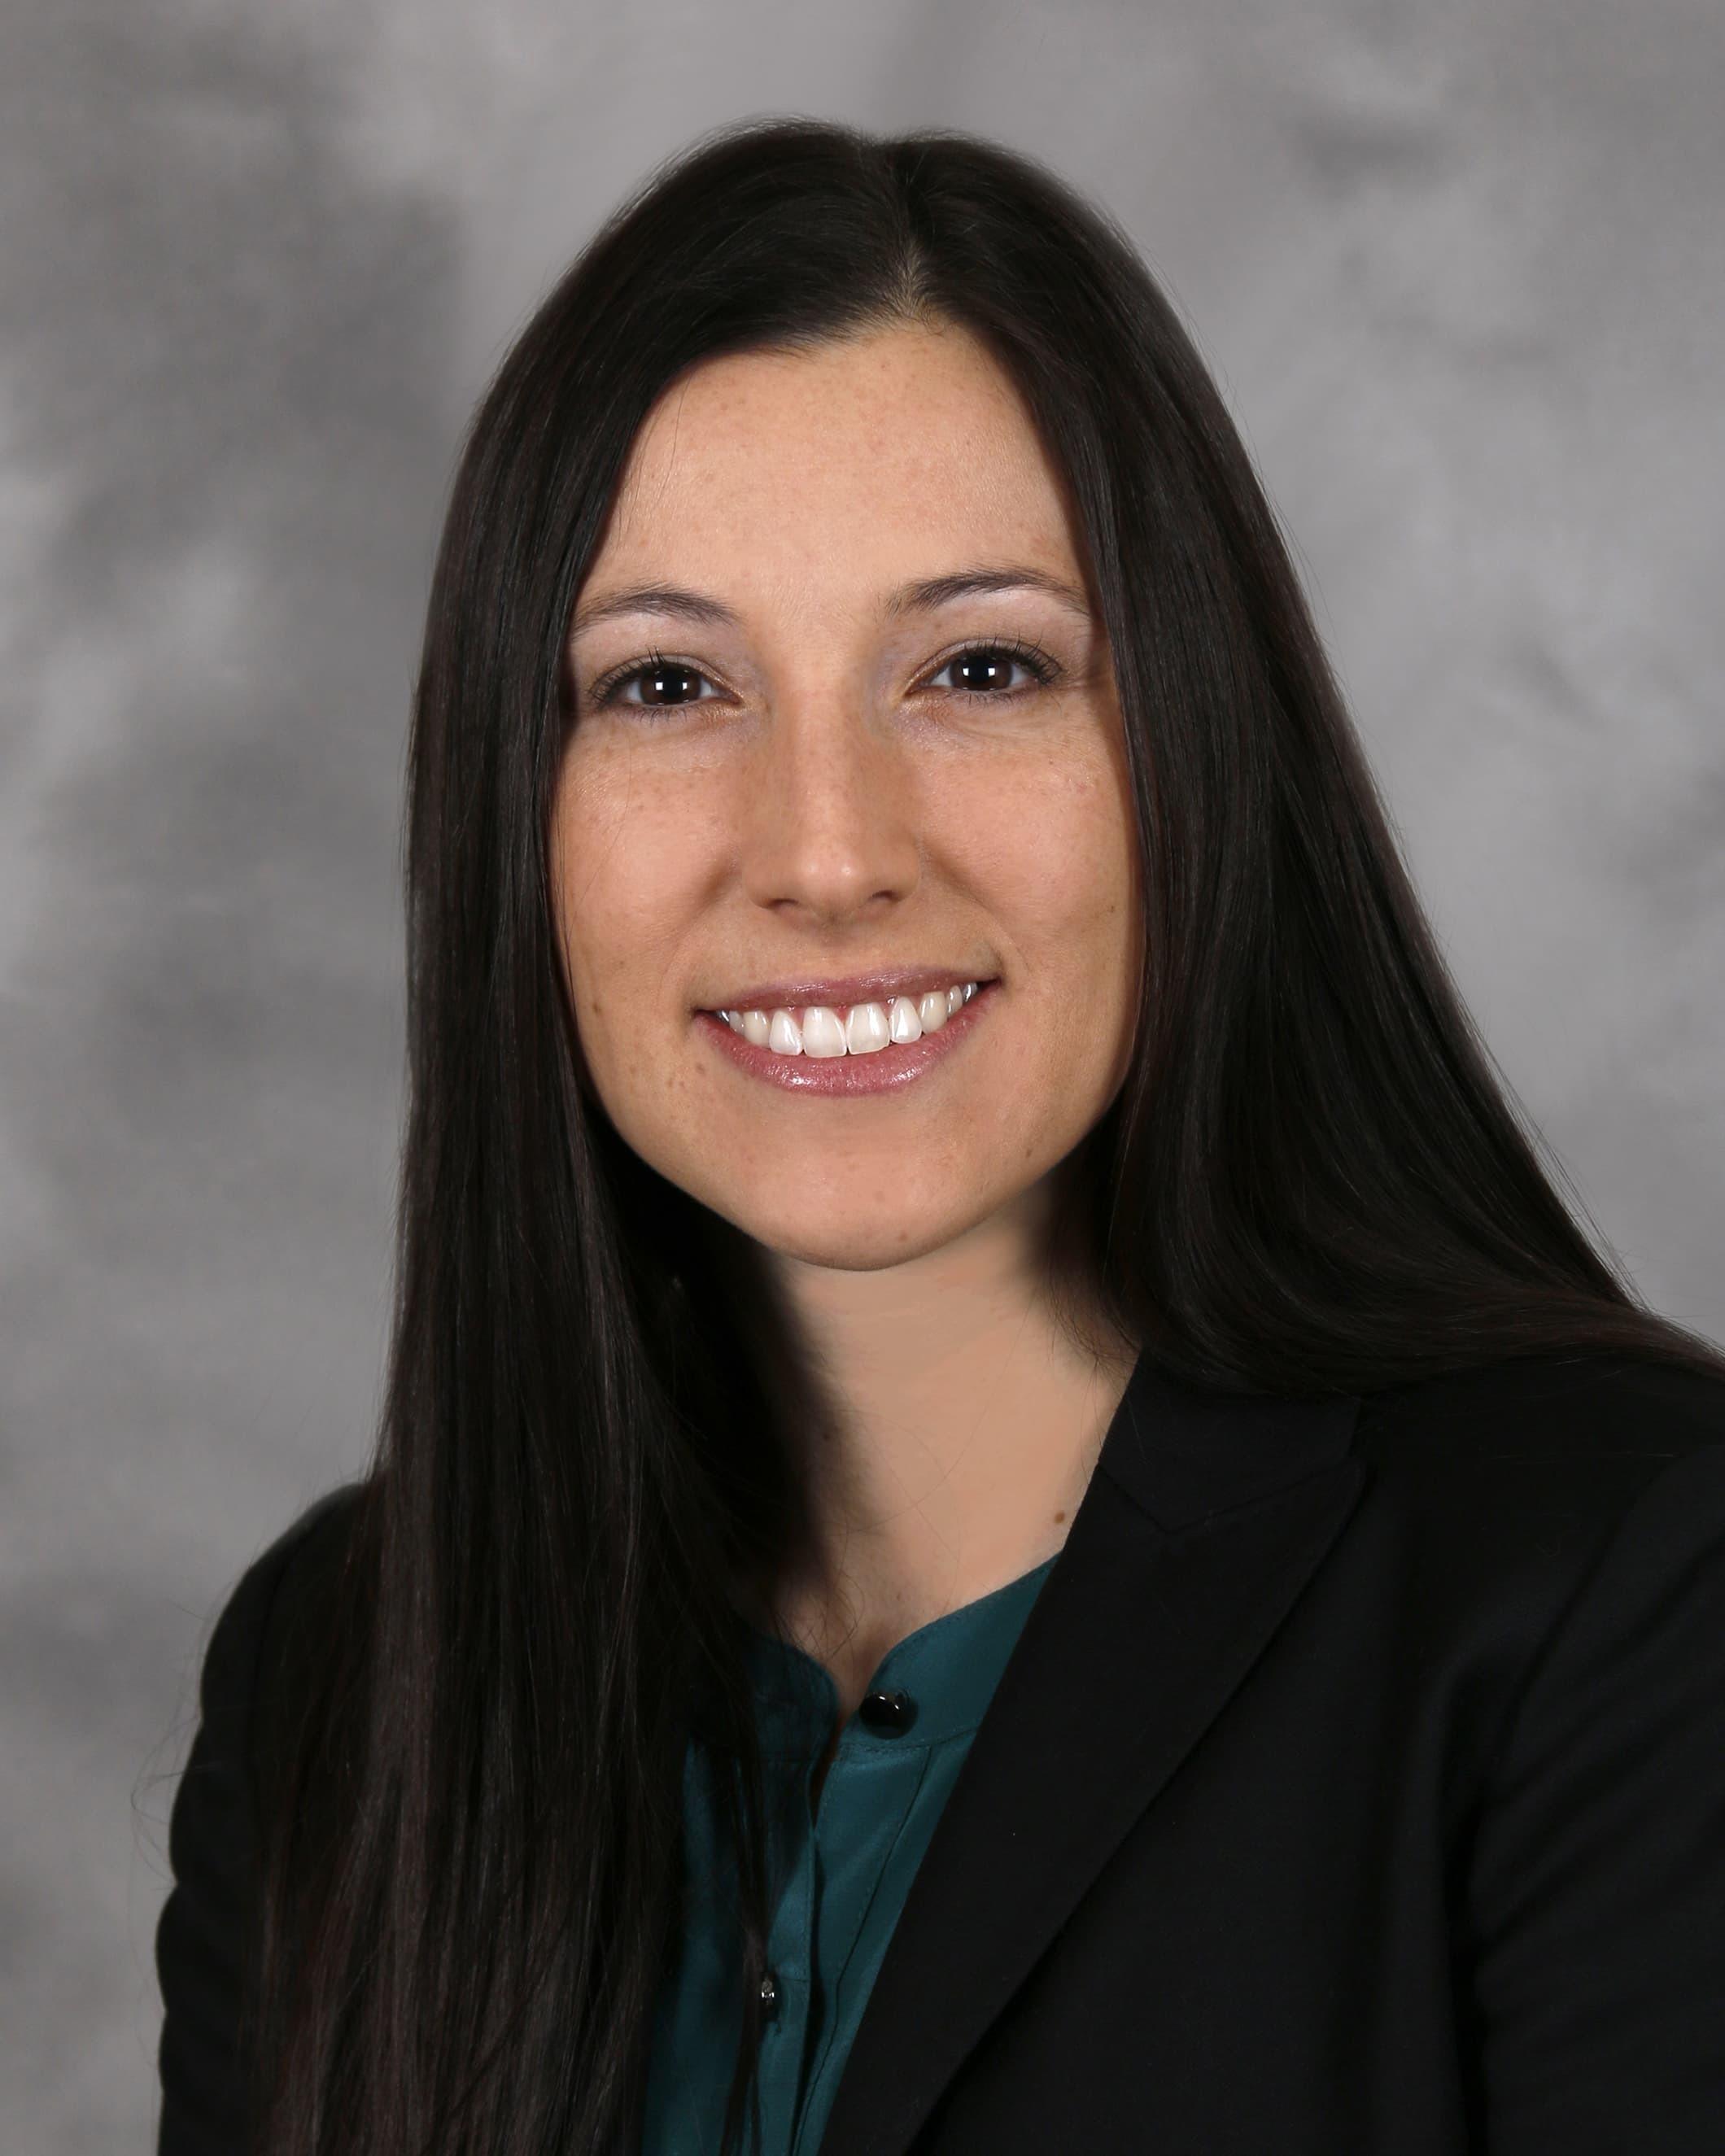 Brittany J Mohrman, MD